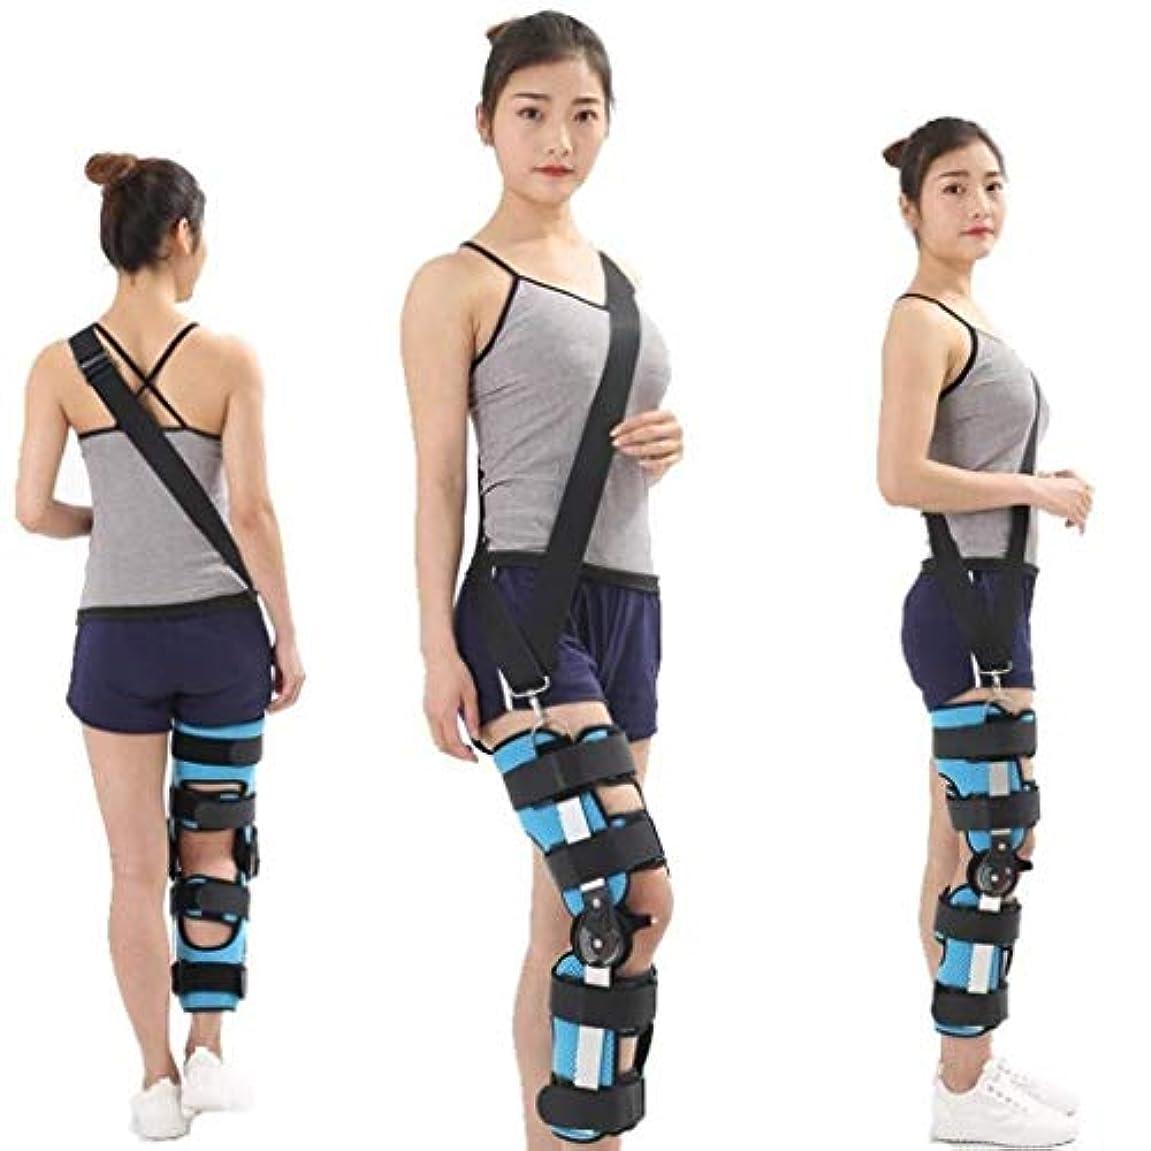 カレンダー贅沢なホイッスルヒンジ付き膝装具-怪我、治療、サポート、痛みの軽減のための調節可能な靭帯サポート